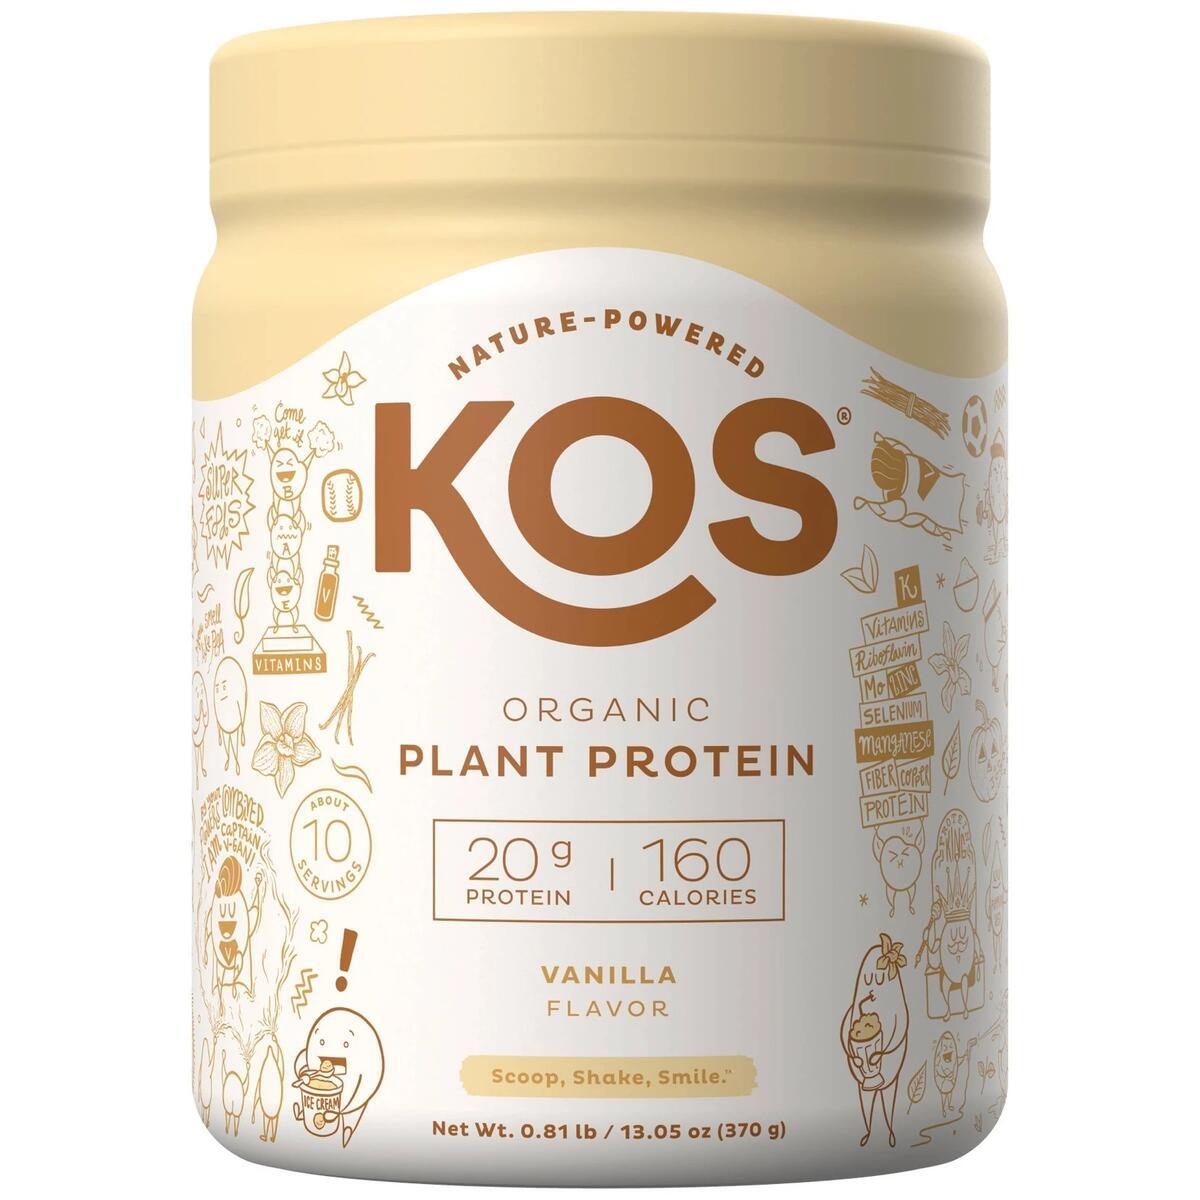 KOS Organic Vegan Plant Protein Powder - Vanilla - 13.05oz